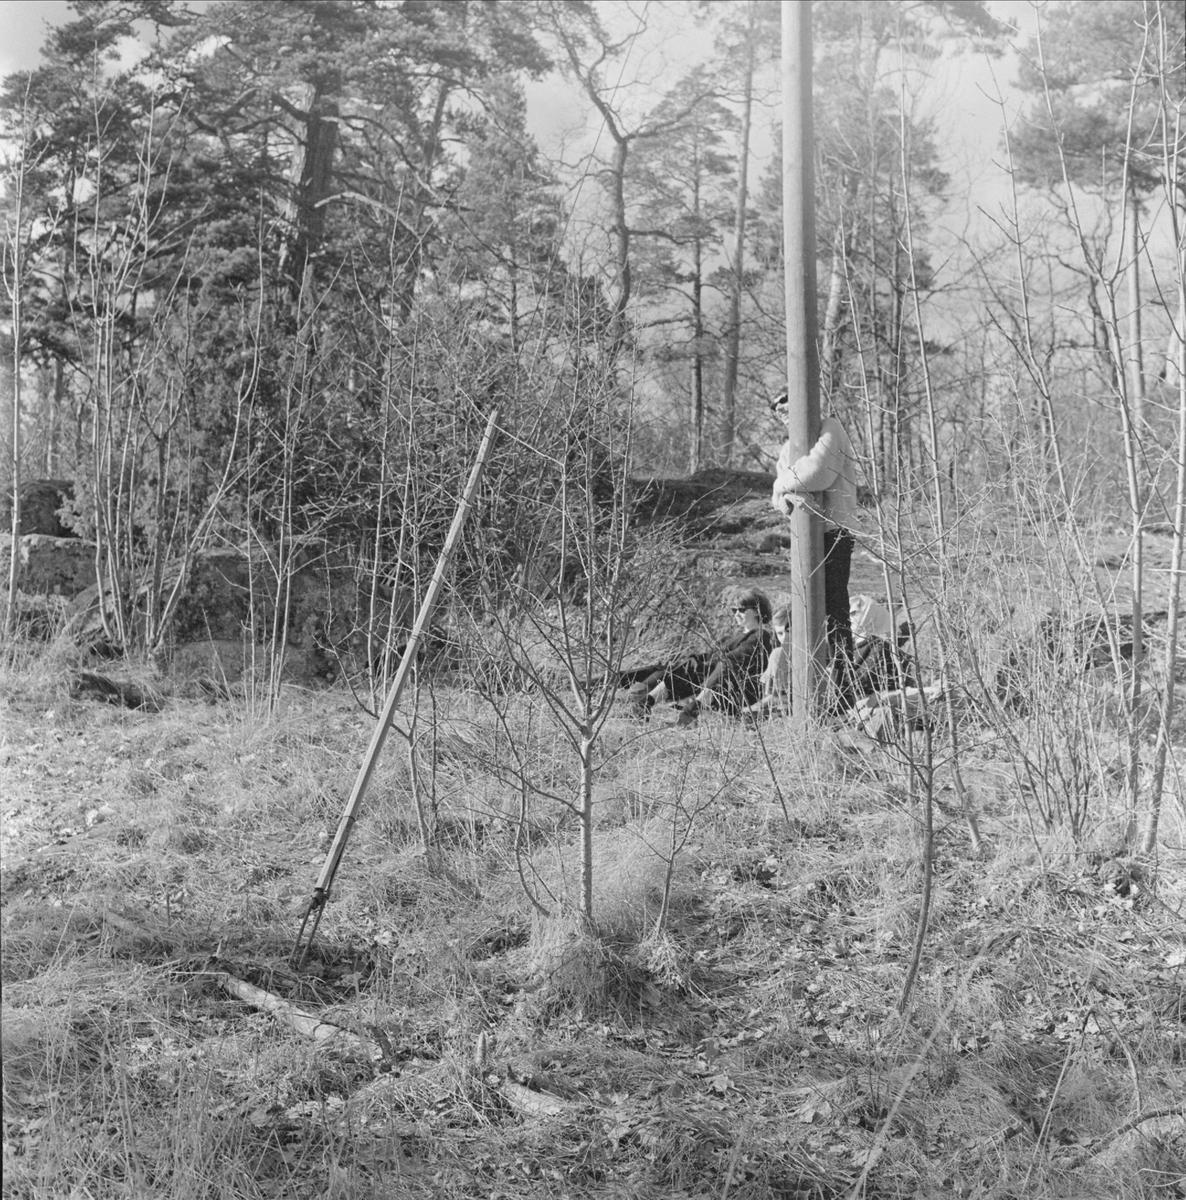 Folkhögskoleelever i Wiks slottspark, Vik, Balingsta socken, Uppland 1965